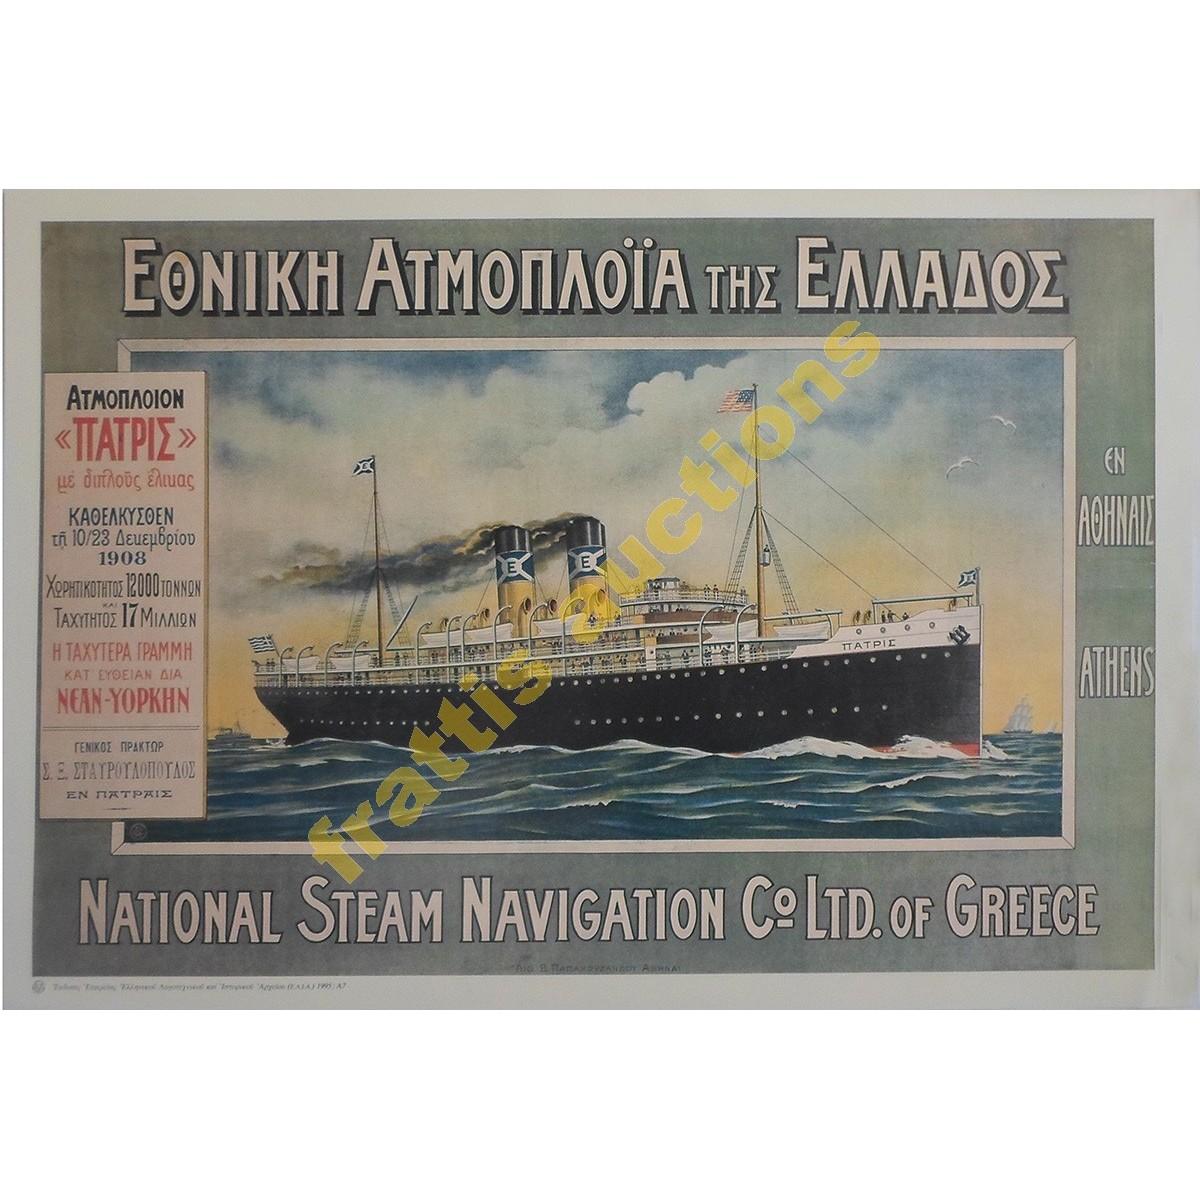 Εθνική ατμοπλοϊα της Ελλάδος, διαφημιστικό Poster.